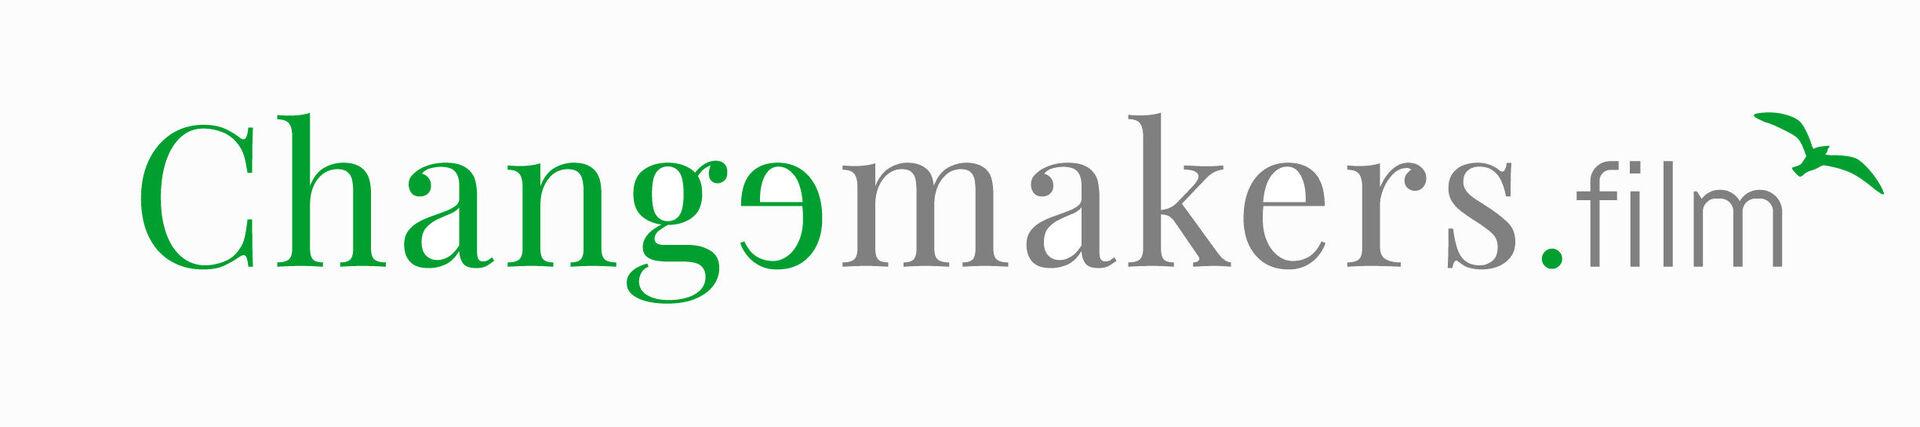 """Image for Changemakers.film: Schauspieler*innen setzen sich für """"Grünes Drehen"""" ein"""